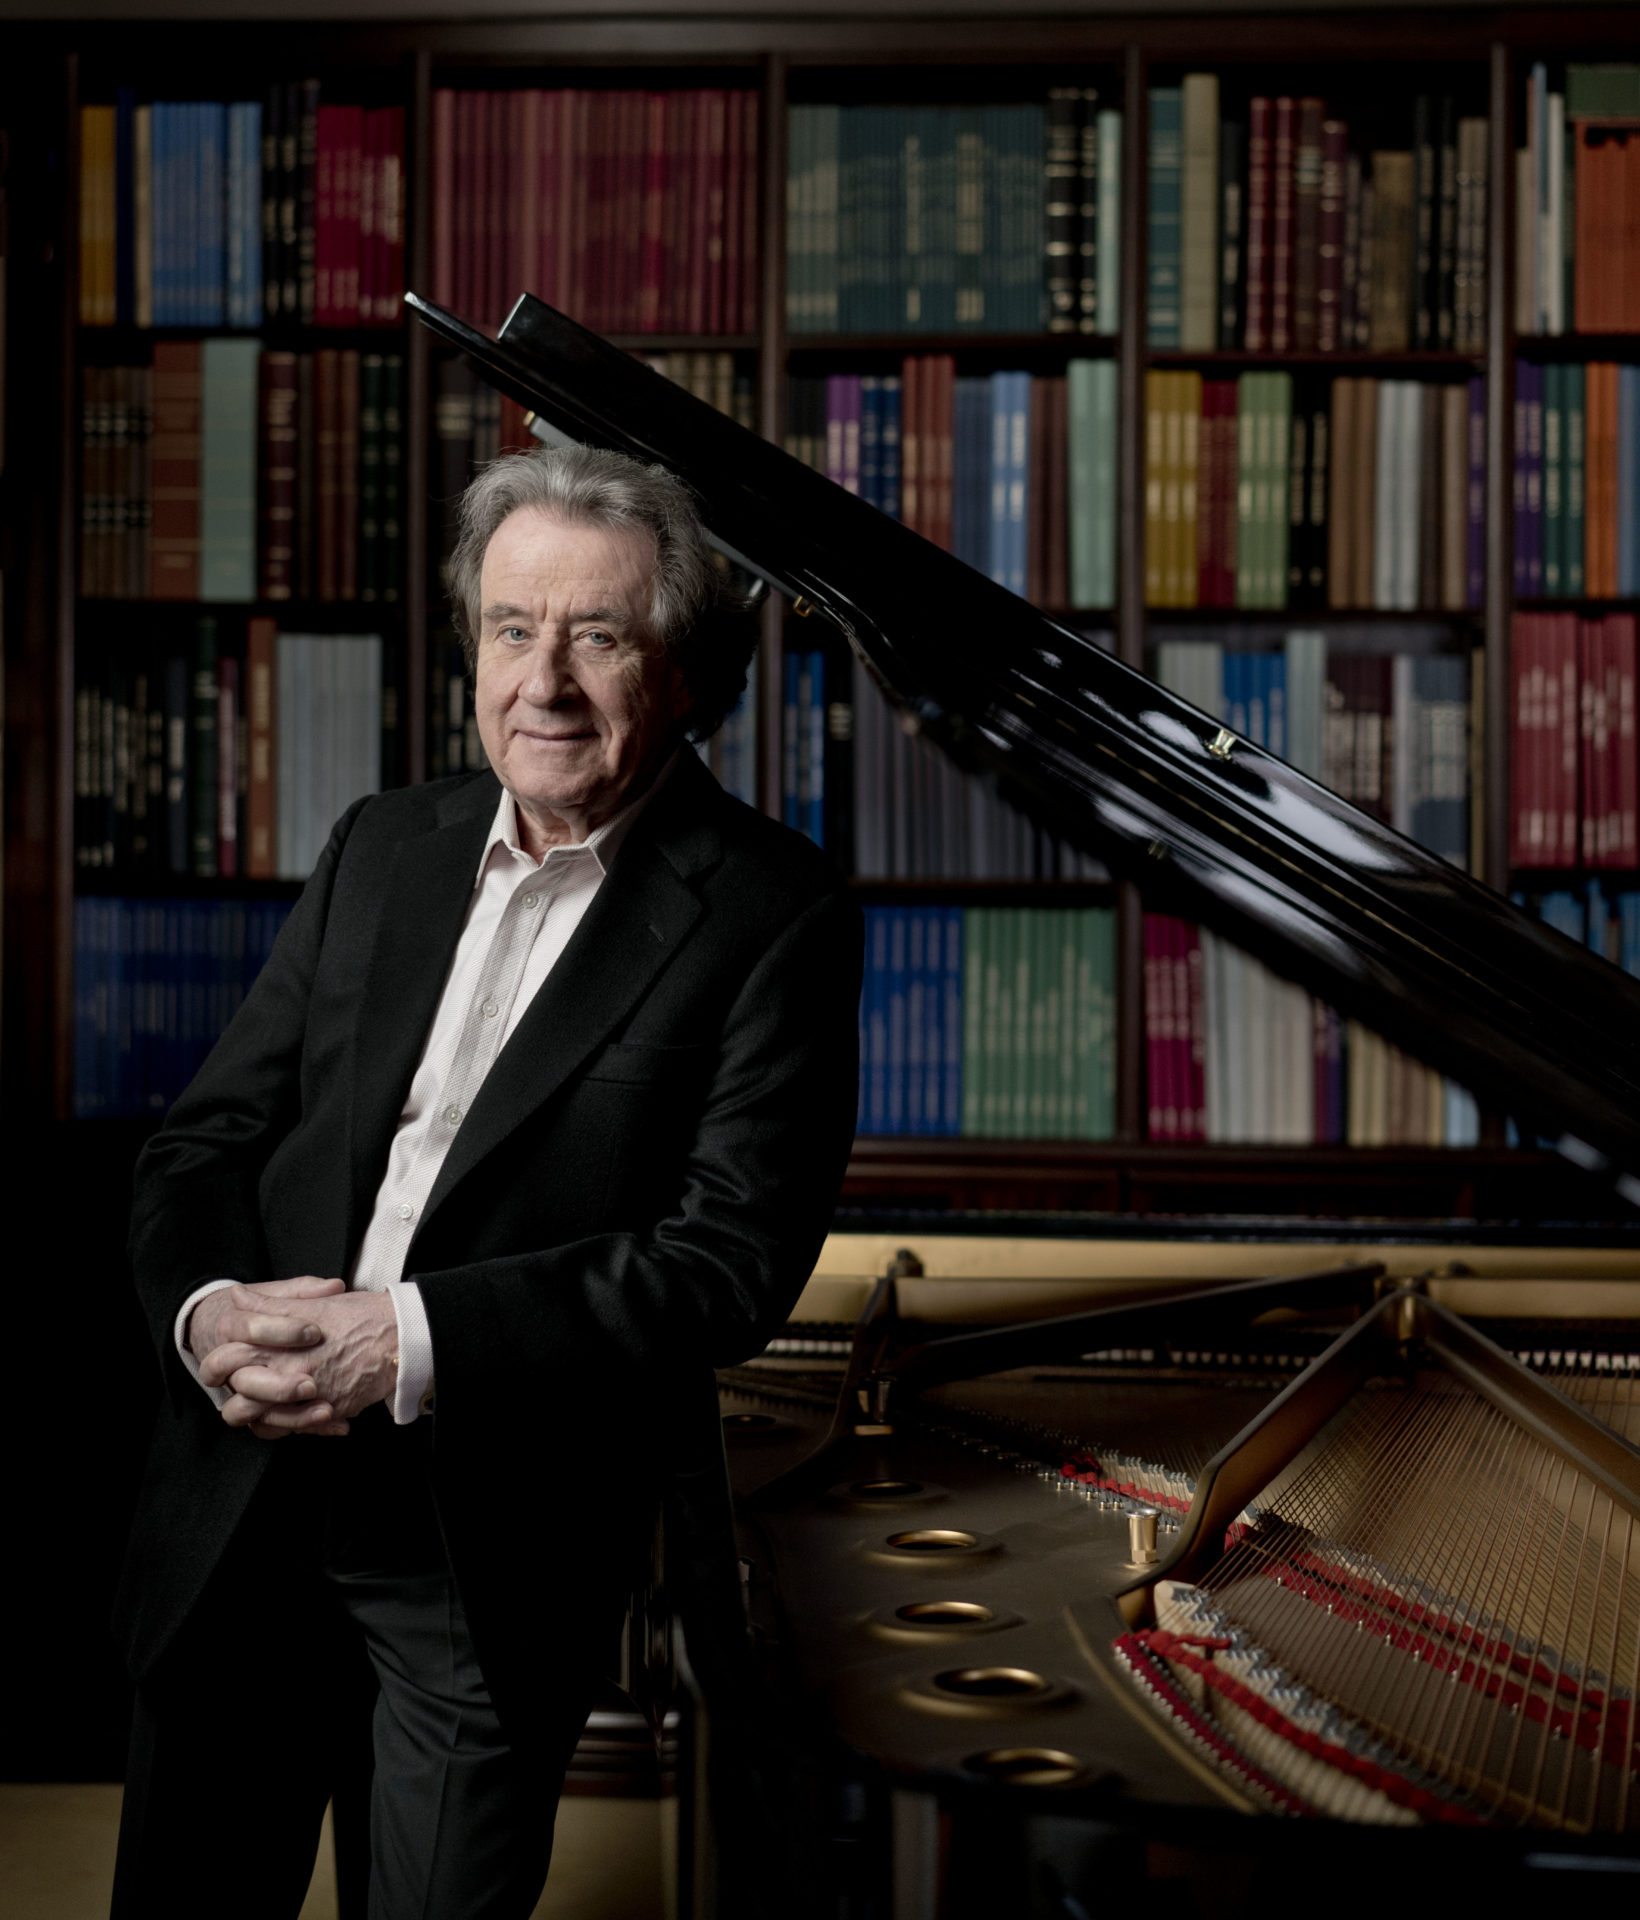 Klaviermatinee mit Rudolf Buchbinder,  Wiener Konzerthaus, Großer Saal, 11. Oktober 2020